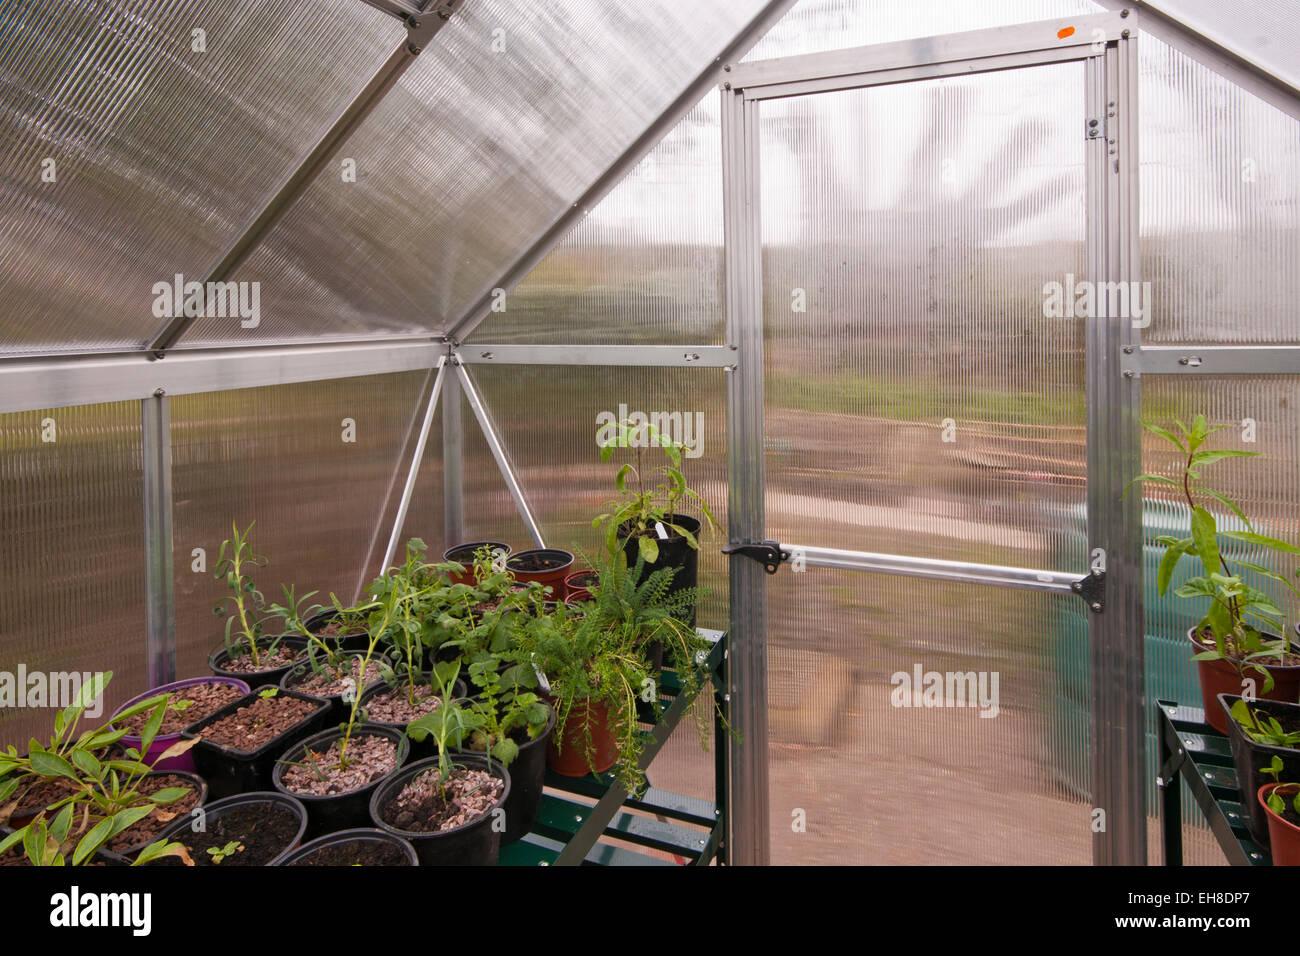 garden greenhouse door stock photos garden greenhouse door stock images alamy. Black Bedroom Furniture Sets. Home Design Ideas